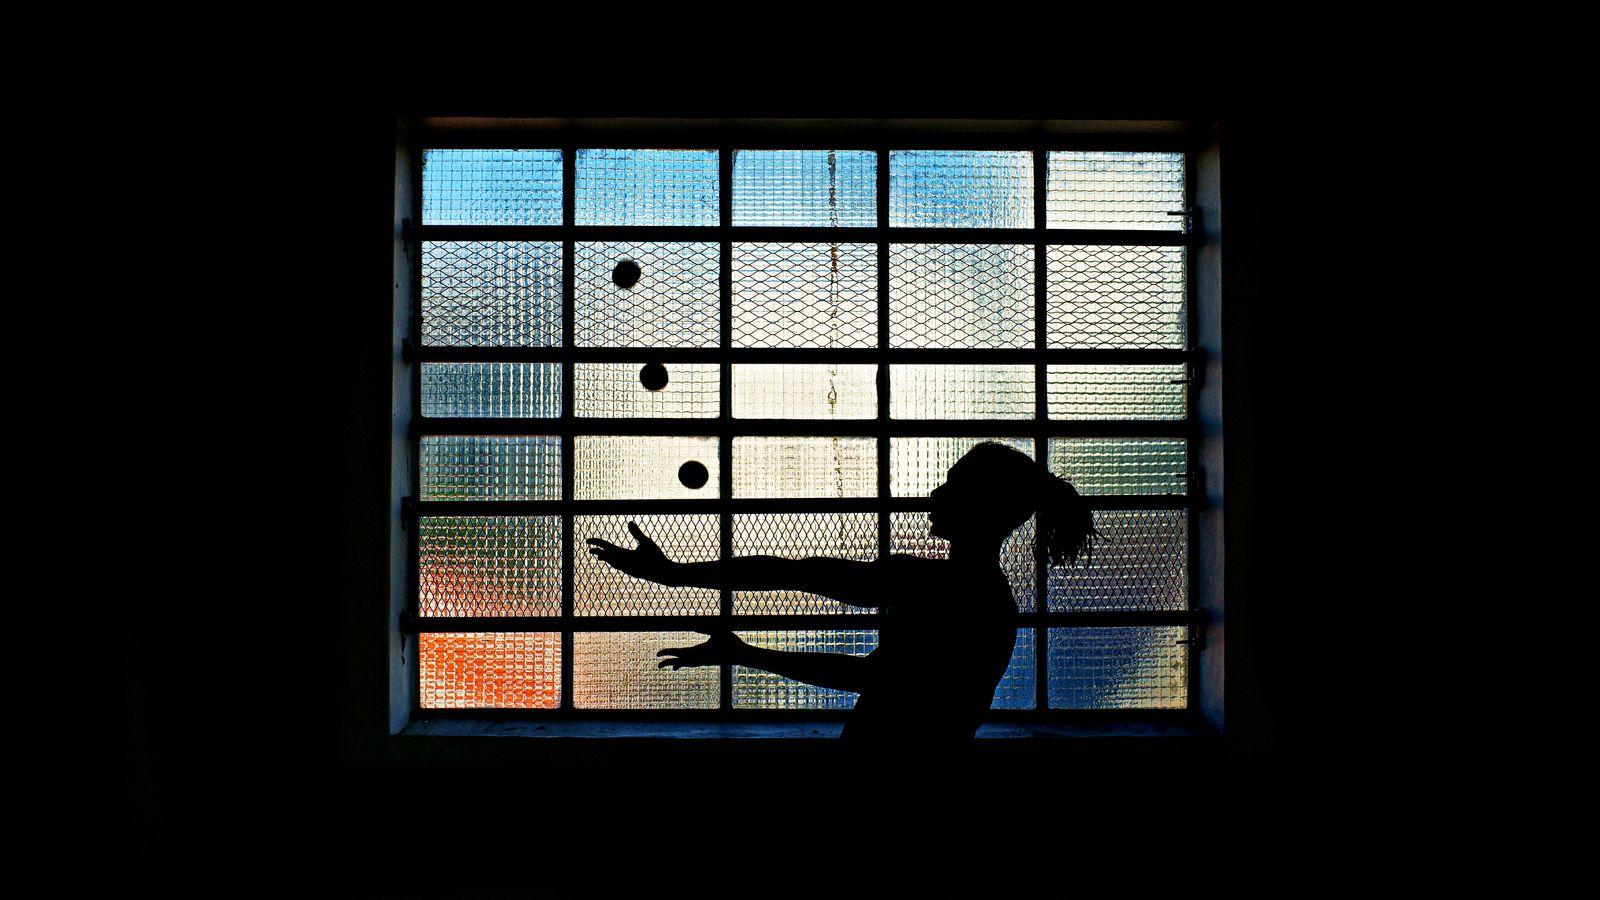 Jean-Souleyman, un jongleur lyonnais, jongle à trois balles devant une fenêtre à carreaux. La photo est prise en contre-jour et chaque balle a son carreau.